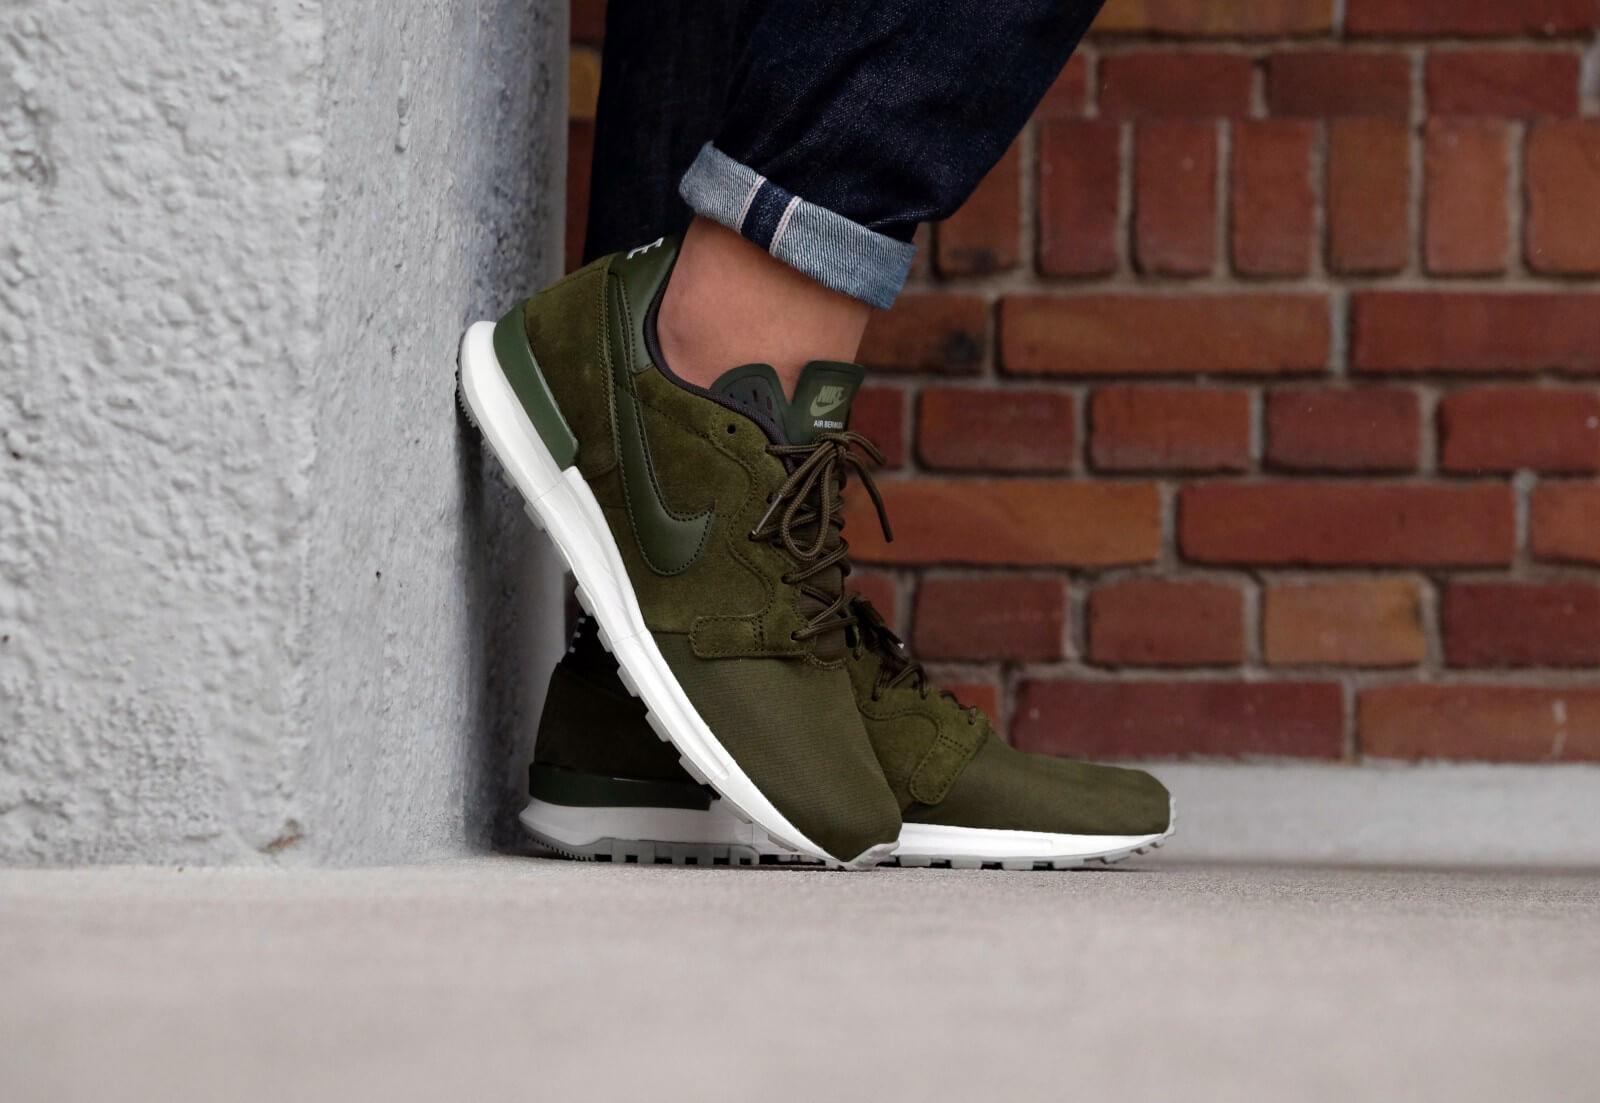 Nike Air Berwuda Prm Legion Green Legion Green Sequoia